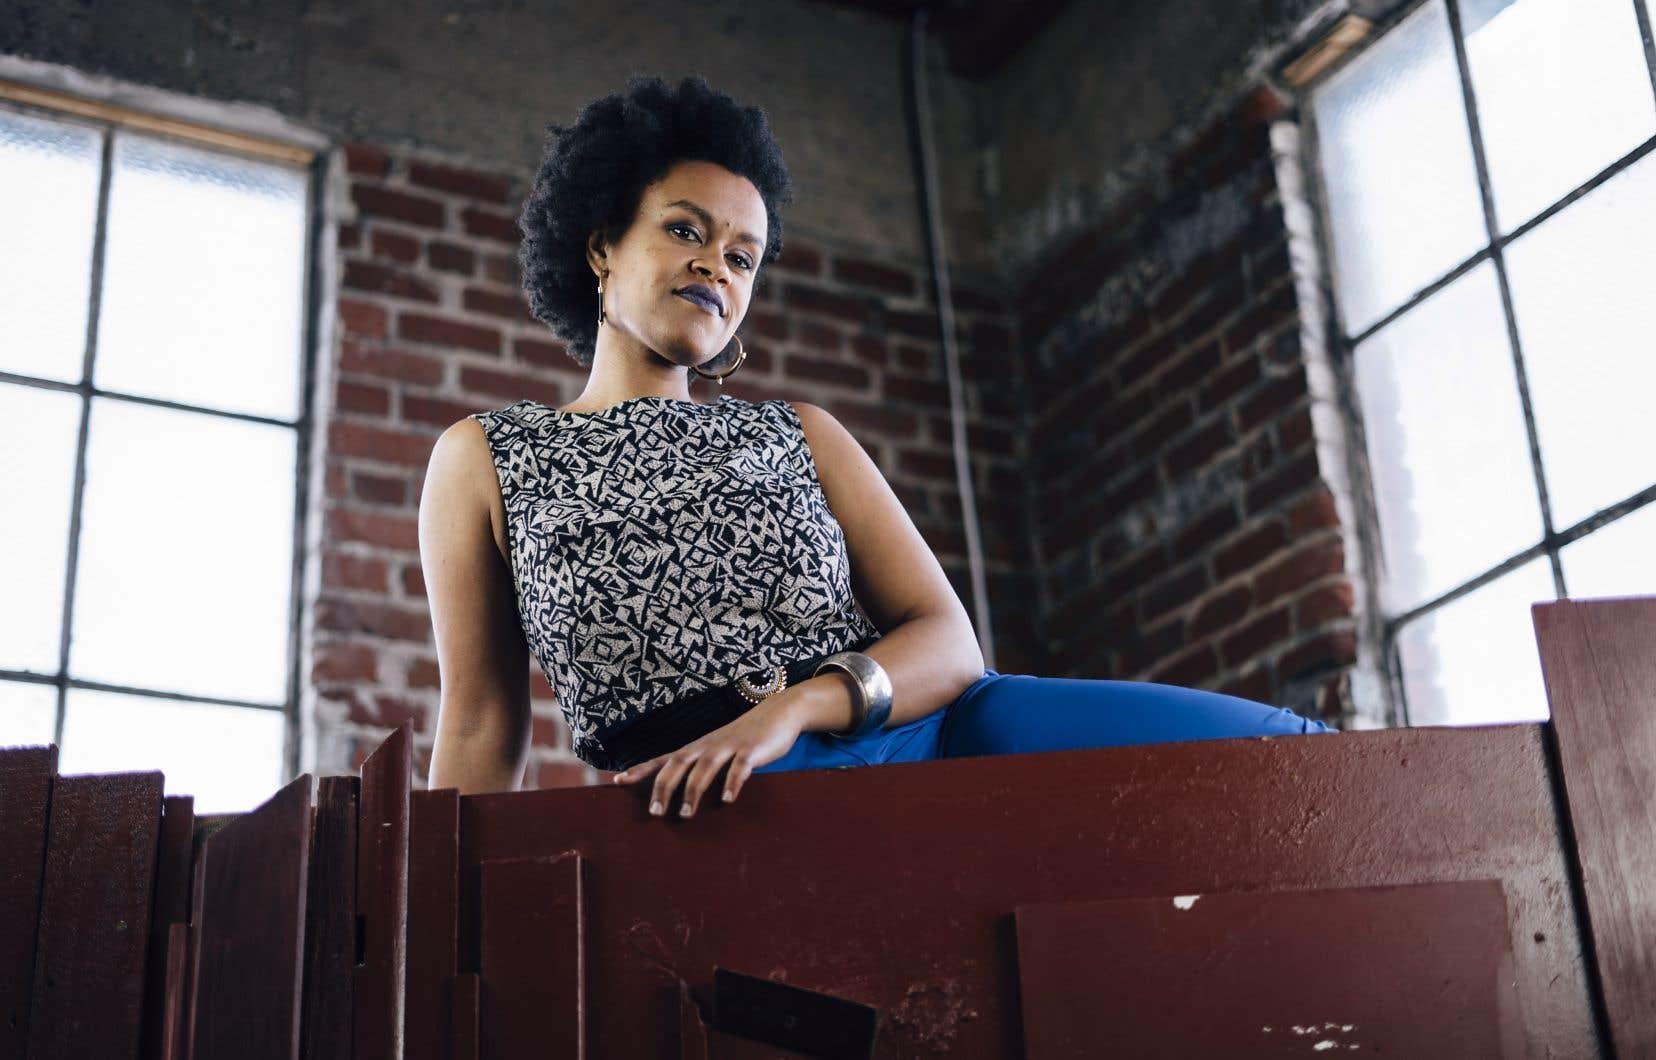 L'auteure, compositrice et interprète californienne Meklit amorce un virage stylistique en embrassant les influences musicales de son pays d'origine, l'Éthiopie.